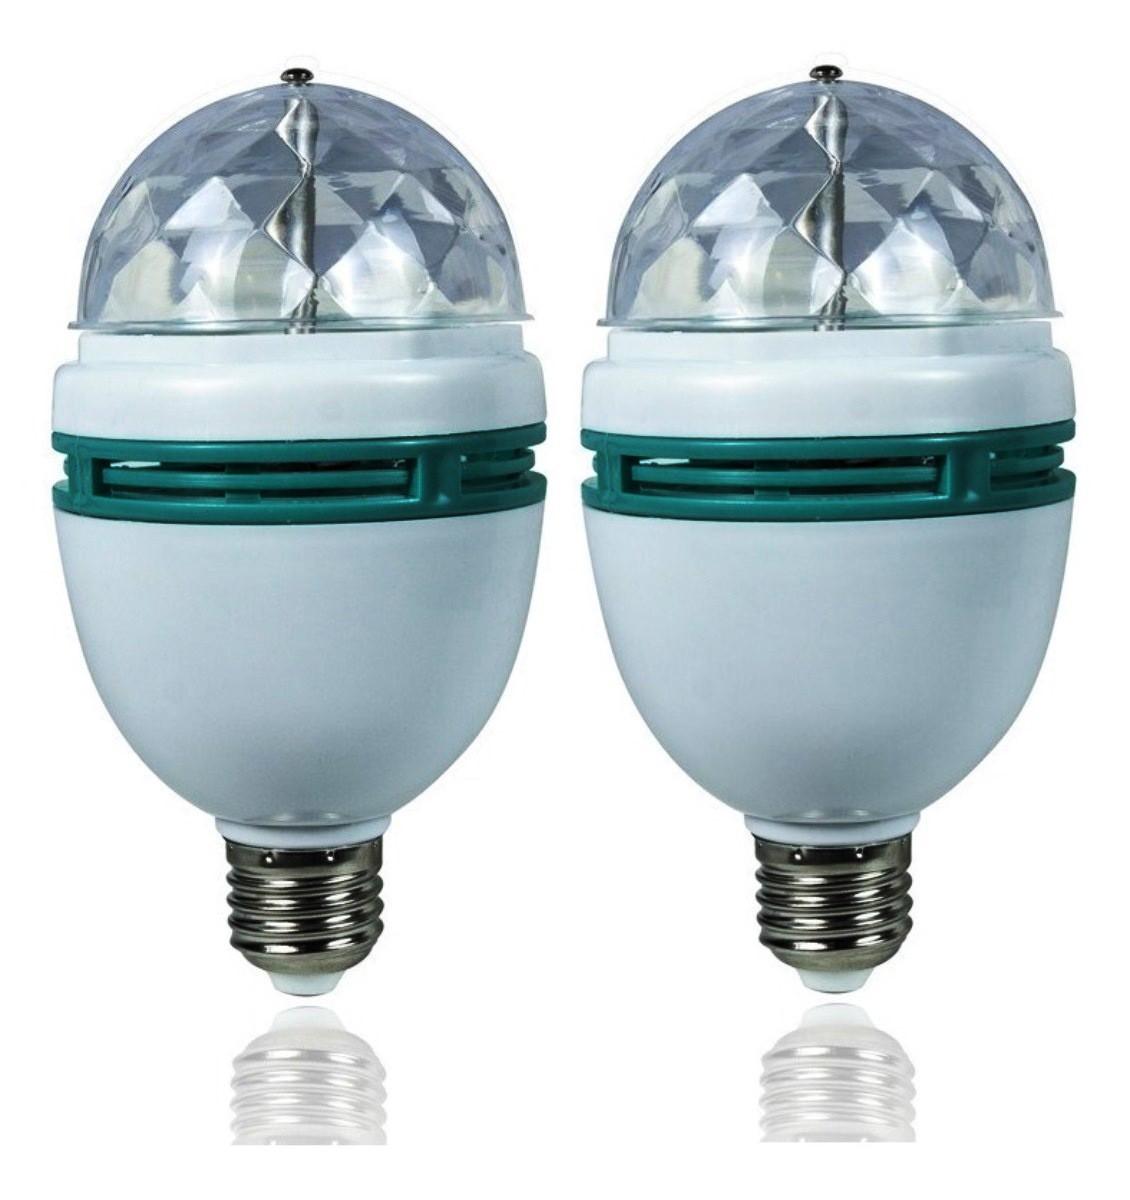 Kit 2 Lâmpadas Dj Giratória Efeitos Luz Iluminação Colorida